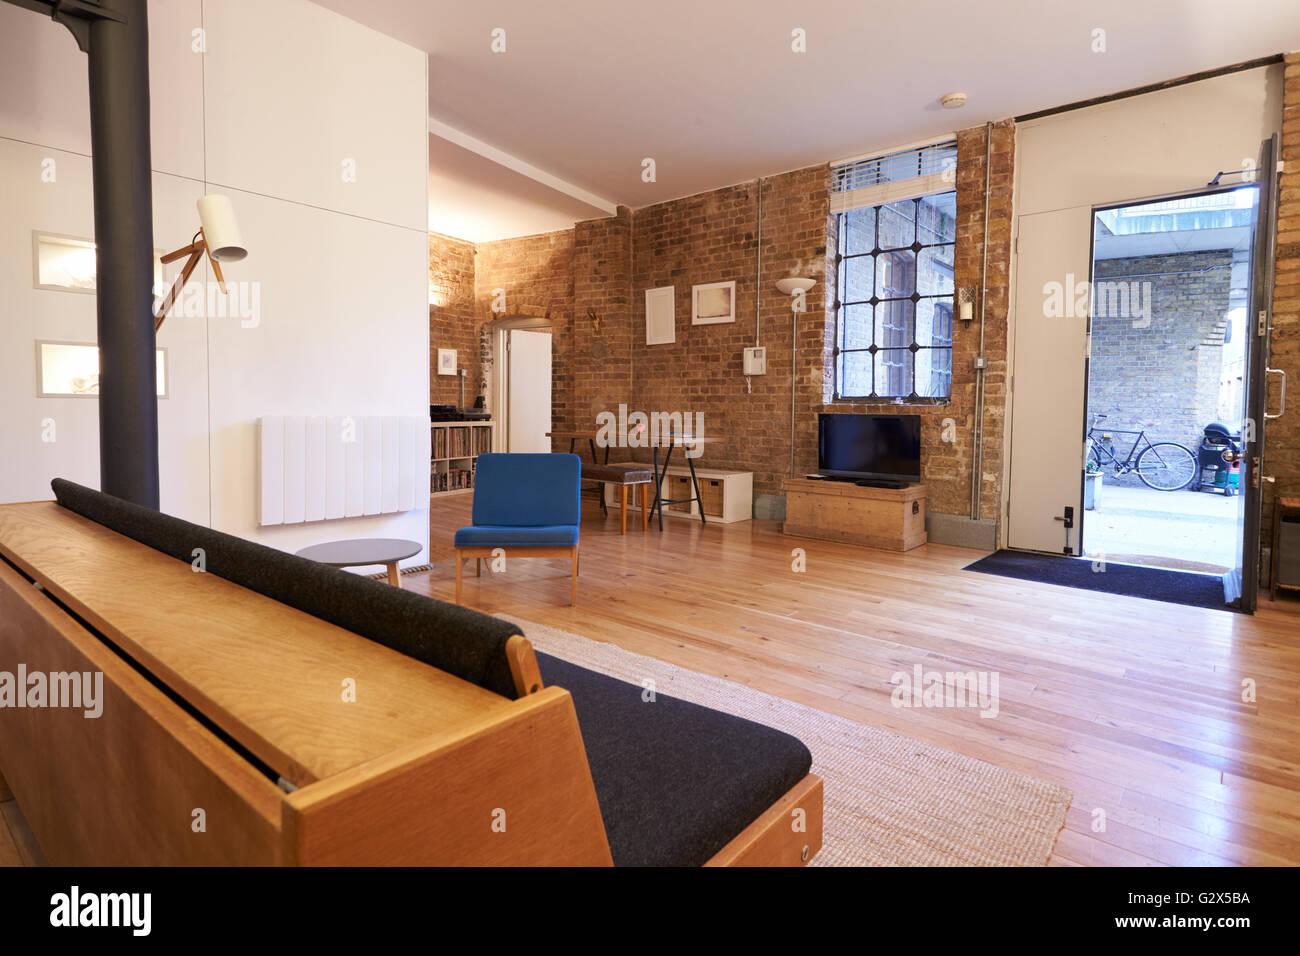 Vide de l'intérieur de cet appartement moderne Photo Stock